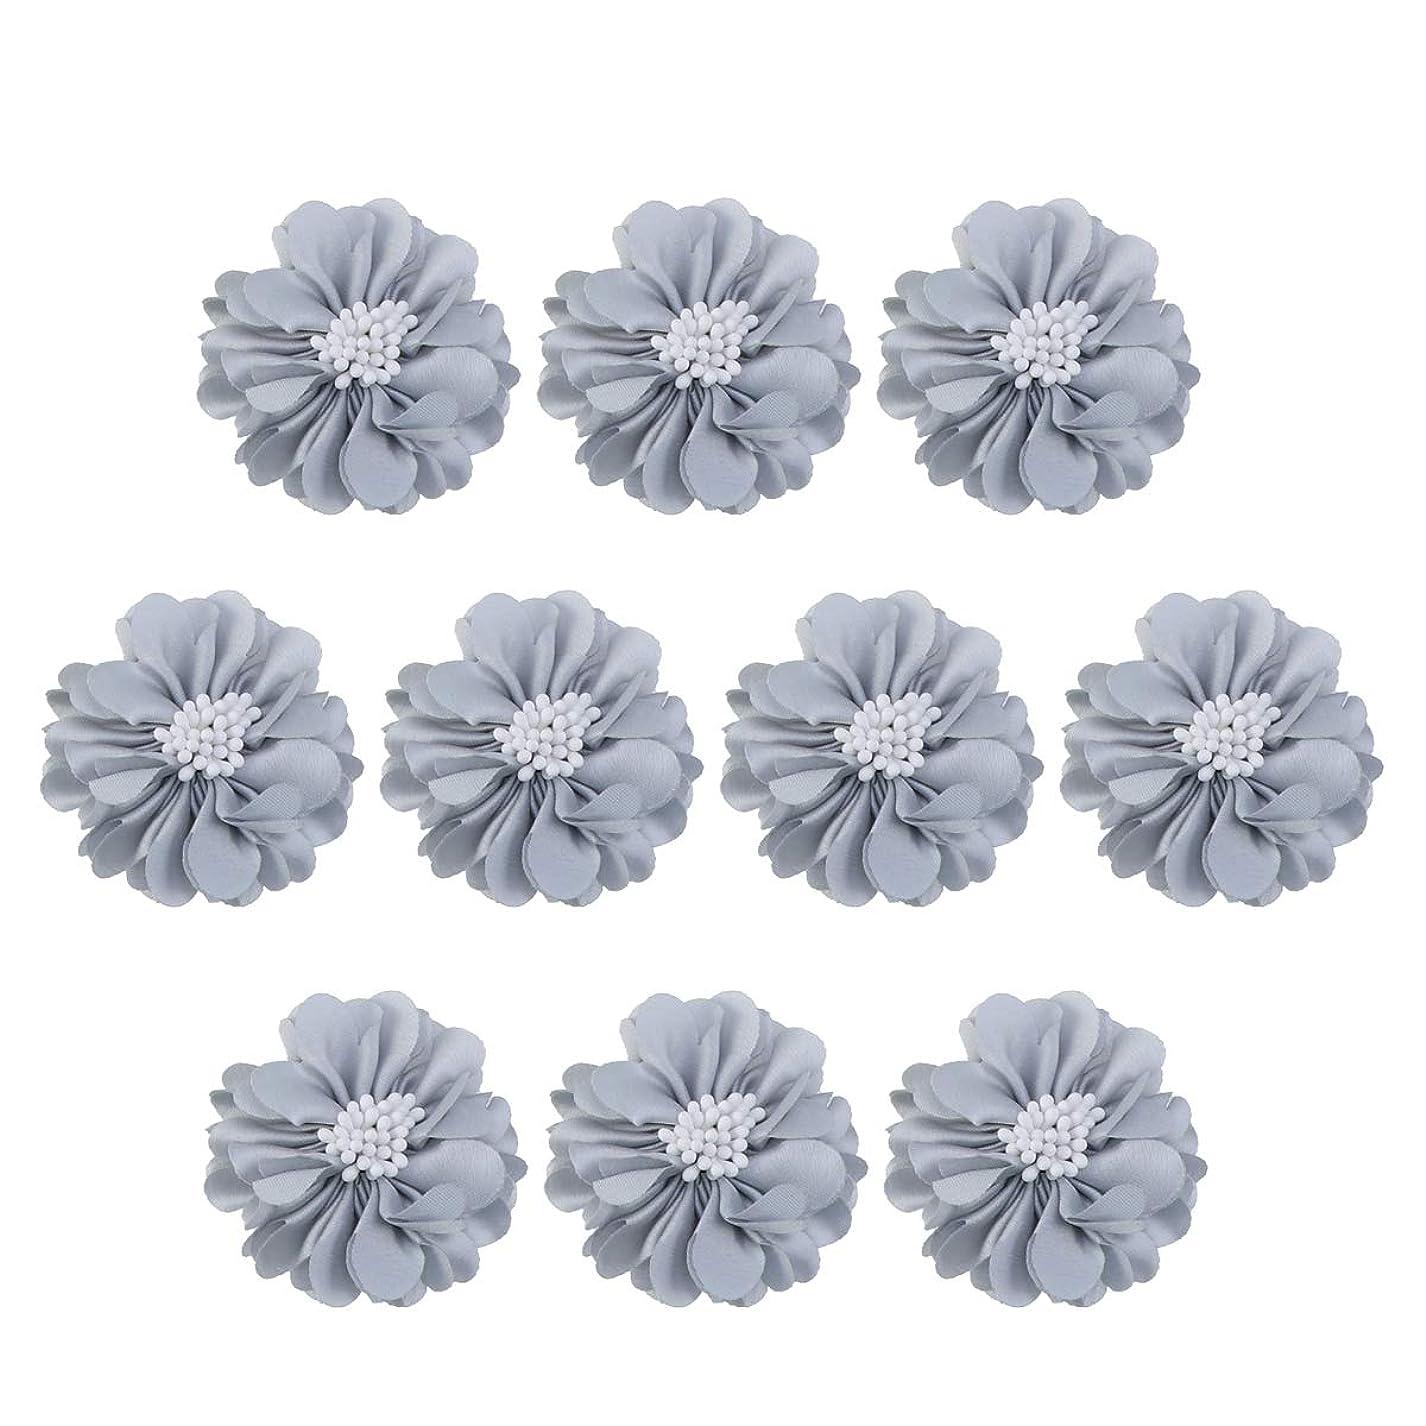 分析的グリットオーナメントVosarea 10個装飾シフォン花平底美しいDIY手作りぼろぼろの花のヘアクリップヘアアクセサリー(ブルー)